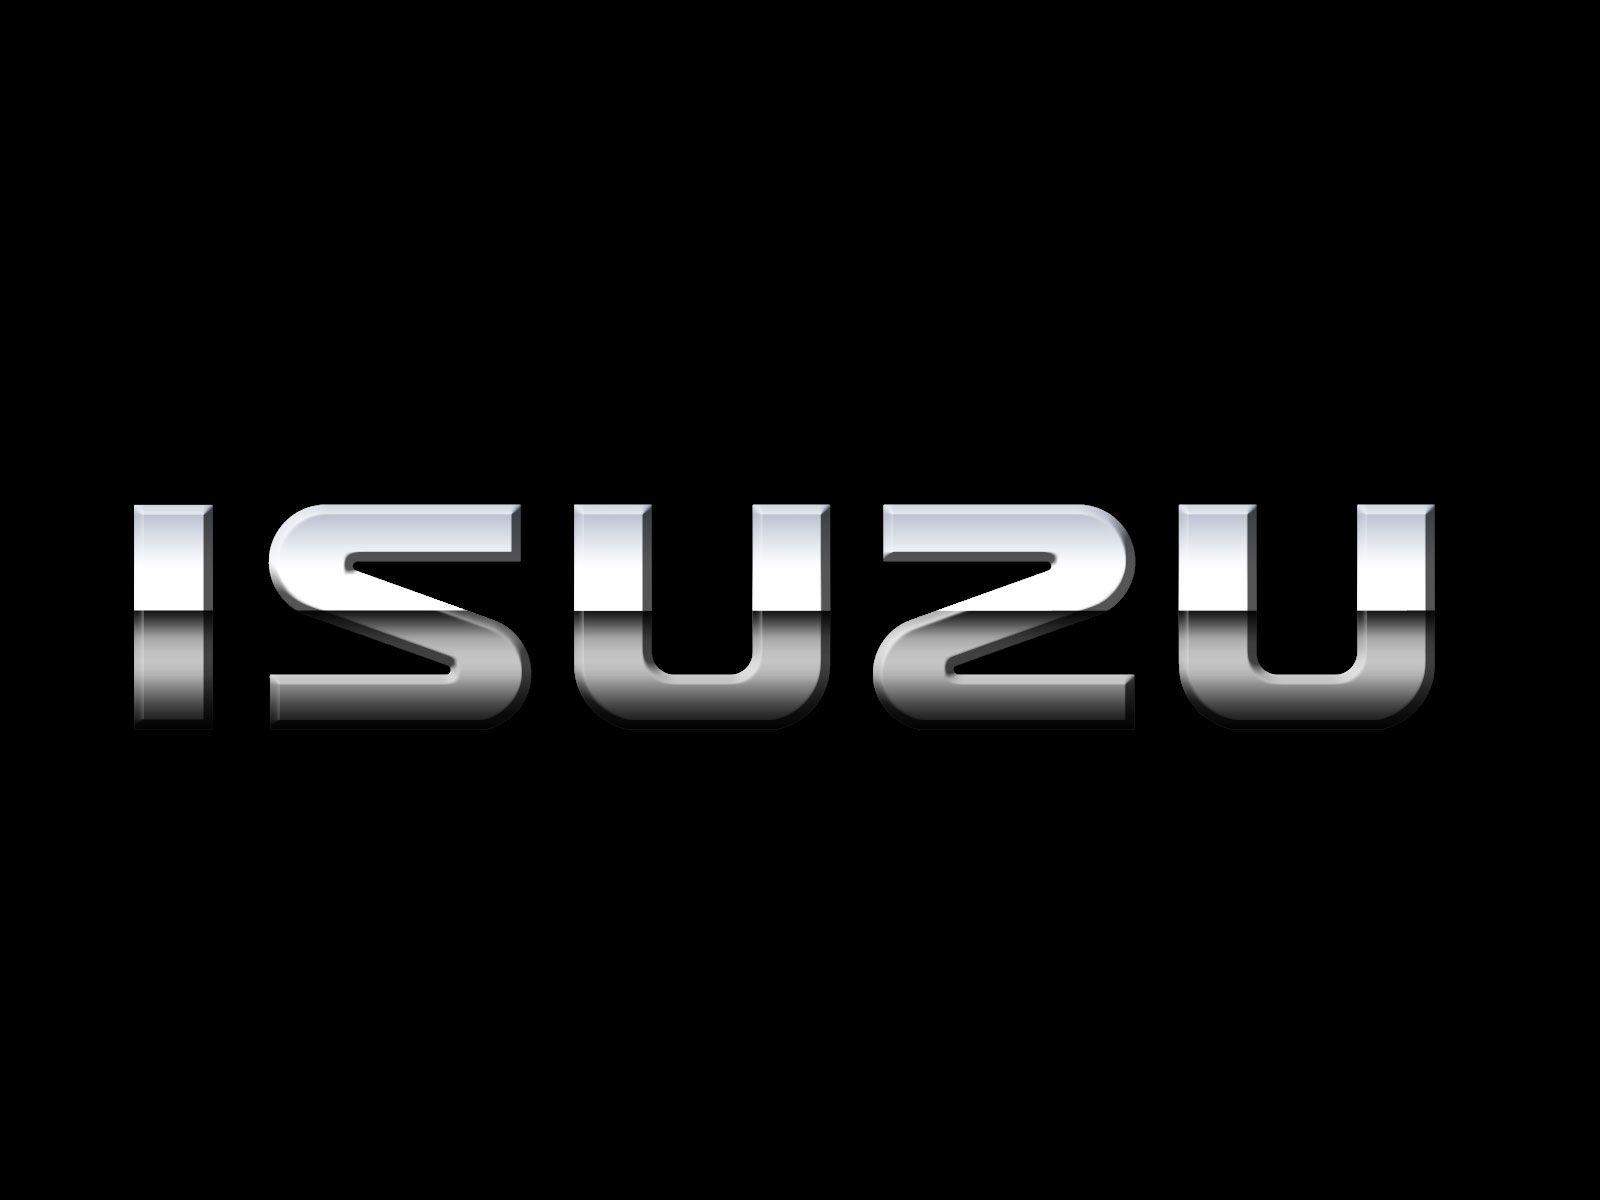 Isuzu Logo, History timeline and Latest Models